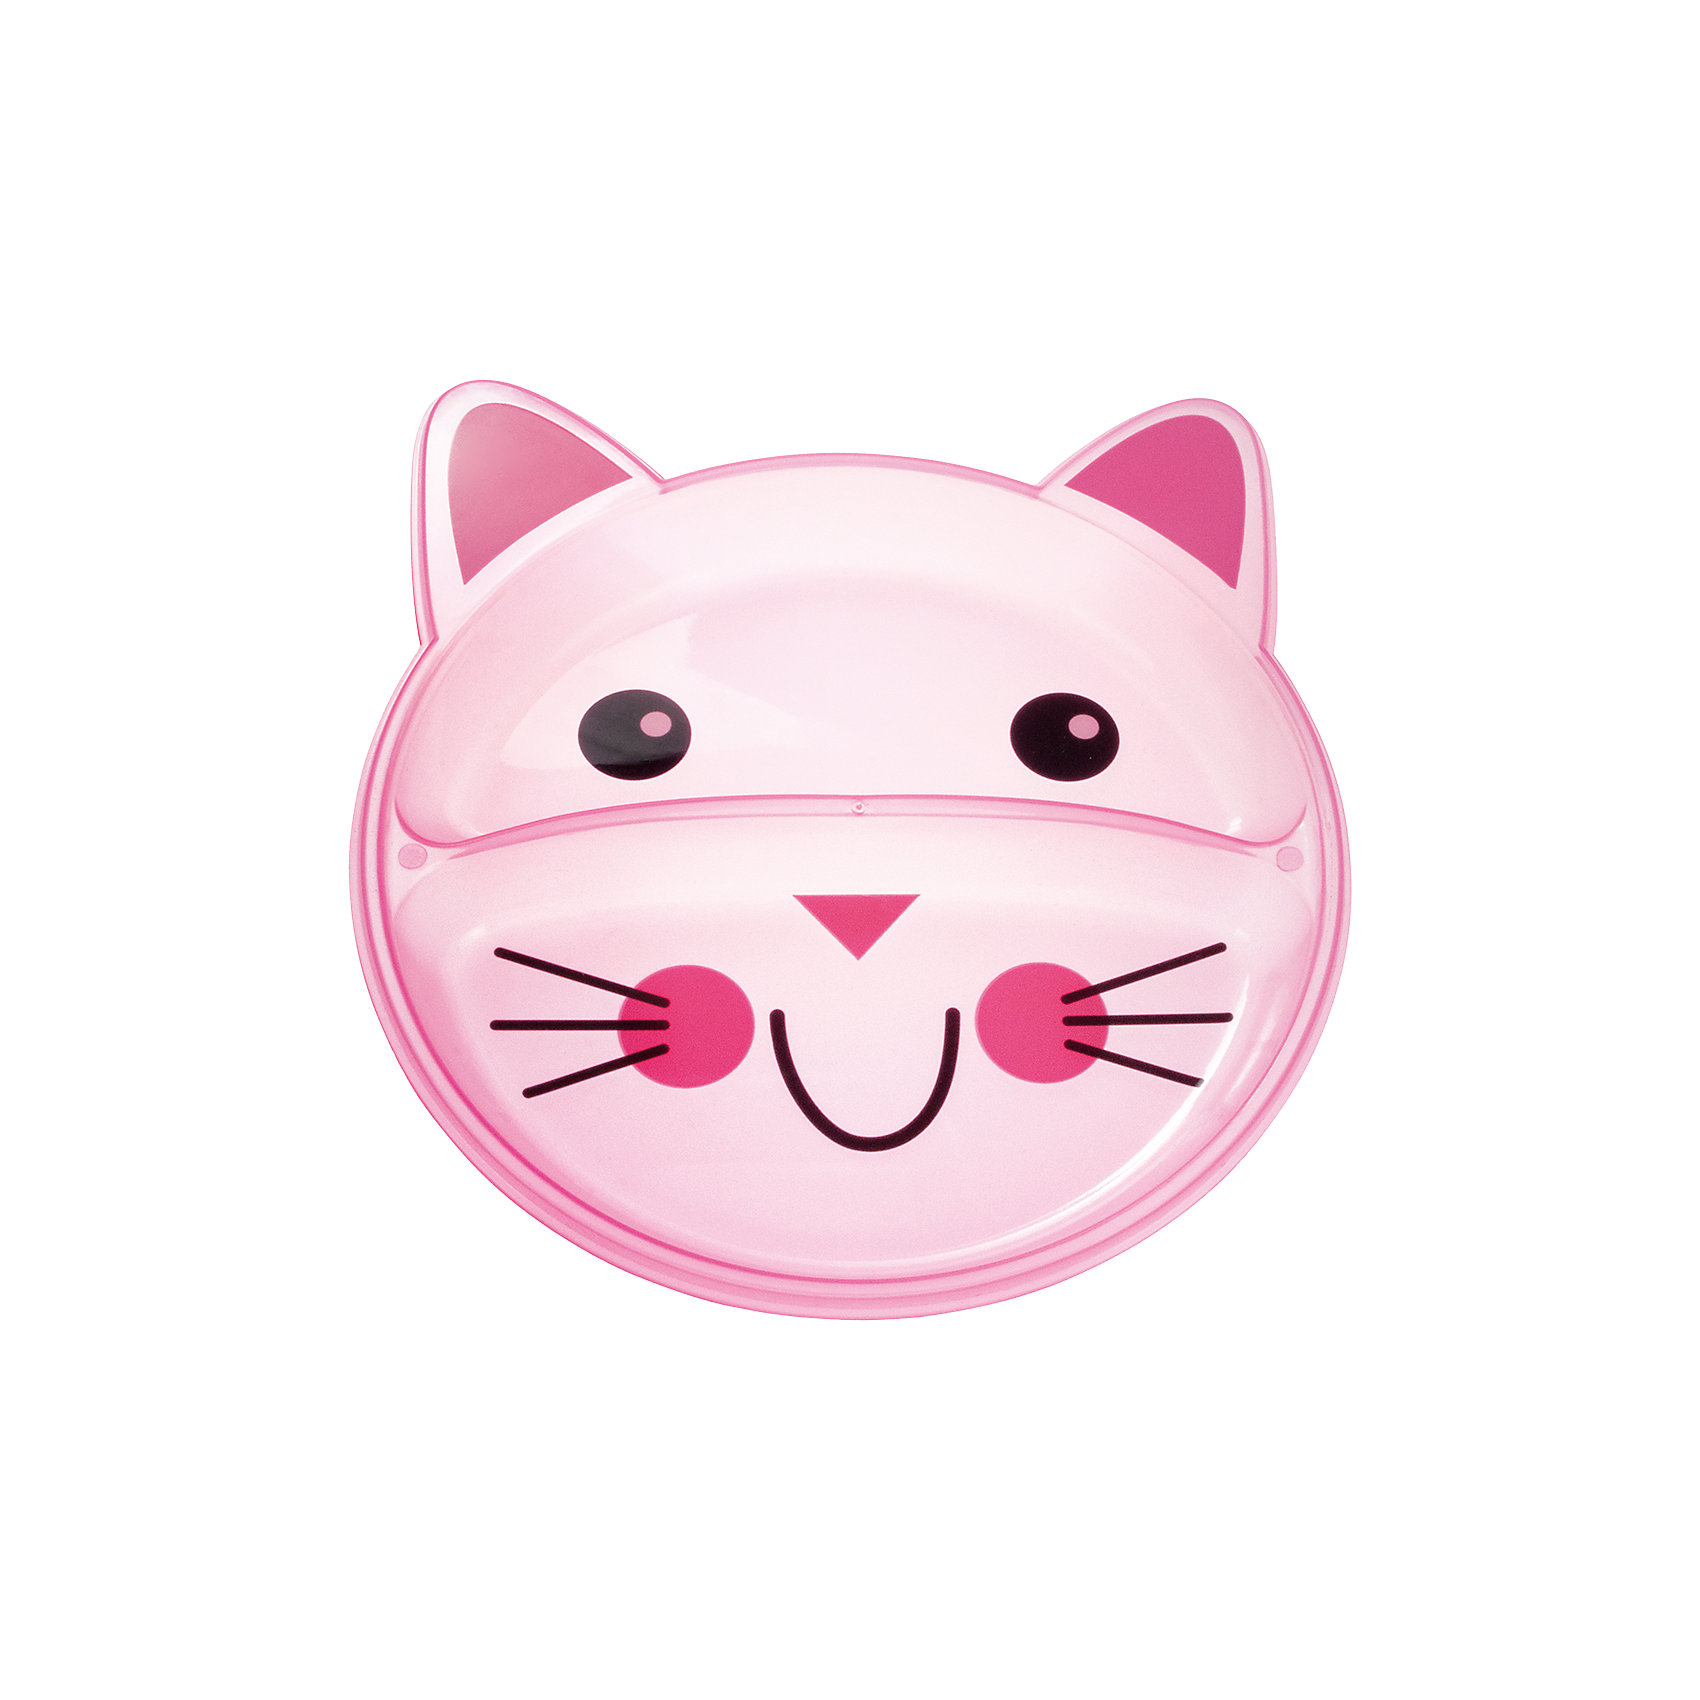 Тарелка с разделением Animals Котенок, 9+, Canpol Babies, розовыйТарелка с разделением Animals Котенок, 9+, Canpol Babies (Канпол беби), розовый.<br><br>Характеристики:<br>• есть 2 отсека для еды<br>• не содержит бисфенол-А<br>• можно использовать в микроволновой печи и посудомоечной машине<br>• интересный дизайн<br>• размер упаковки: 2х17,7х21,5 см<br>• вес: 100 грамм<br>• объем: 400 мл<br>• цвет: розовый<br>• материал: пластик <br><br>Тарелка Котенок изготовлена из качественного пластика и не содержит бисфенол-А. Тарелка имеет 2 отсека для еды. Вы сможете подать отдельно мясо и гарнир или кашу и фрукты. Посуда выполнена в виде улыбающегося котенка, который с удовольствием покажет крохе свою мордашку после обеда. Такая веселая тарелочка превратит прием пищи в веселую игру!<br><br>Тарелку с разделением Animals Котенок, 9+, Canpol Babies (Канпол беби), розовый вы можете купить в нашем интернет-магазине.<br><br>Ширина мм: 20<br>Глубина мм: 215<br>Высота мм: 177<br>Вес г: 390<br>Возраст от месяцев: 9<br>Возраст до месяцев: 36<br>Пол: Женский<br>Возраст: Детский<br>SKU: 5156695